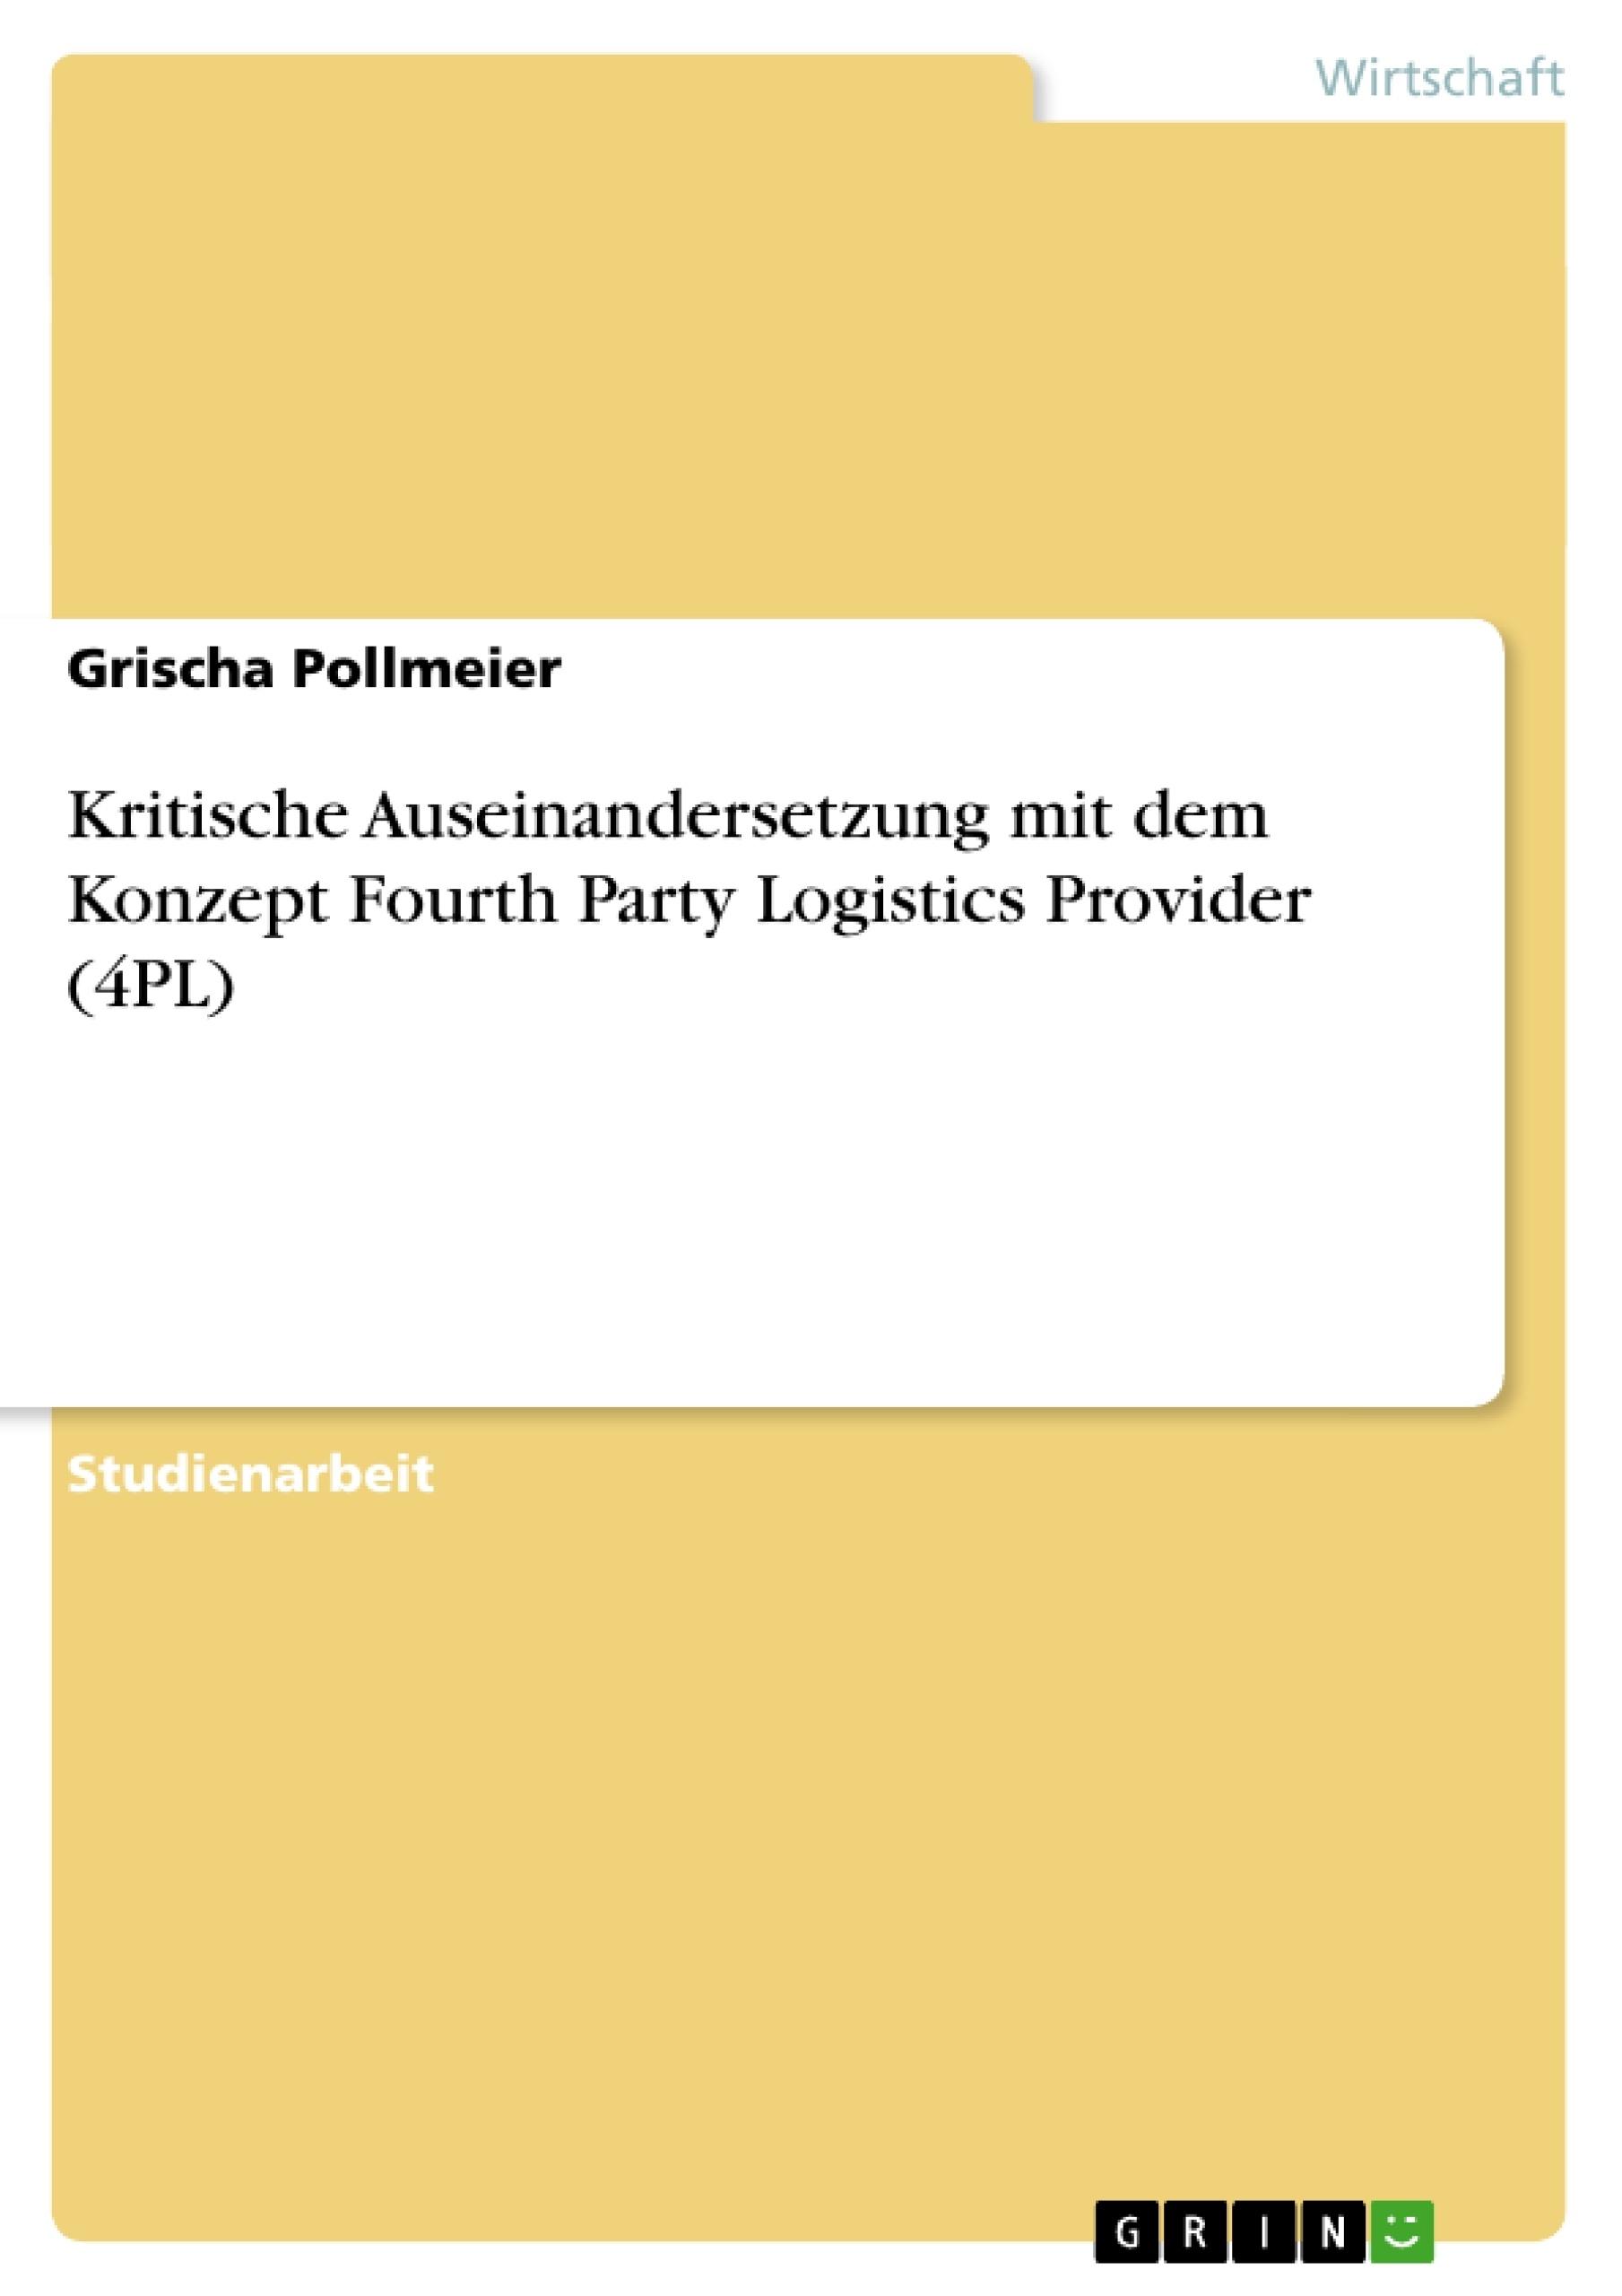 Titel: Kritische Auseinandersetzung mit dem Konzept Fourth Party Logistics Provider (4PL)